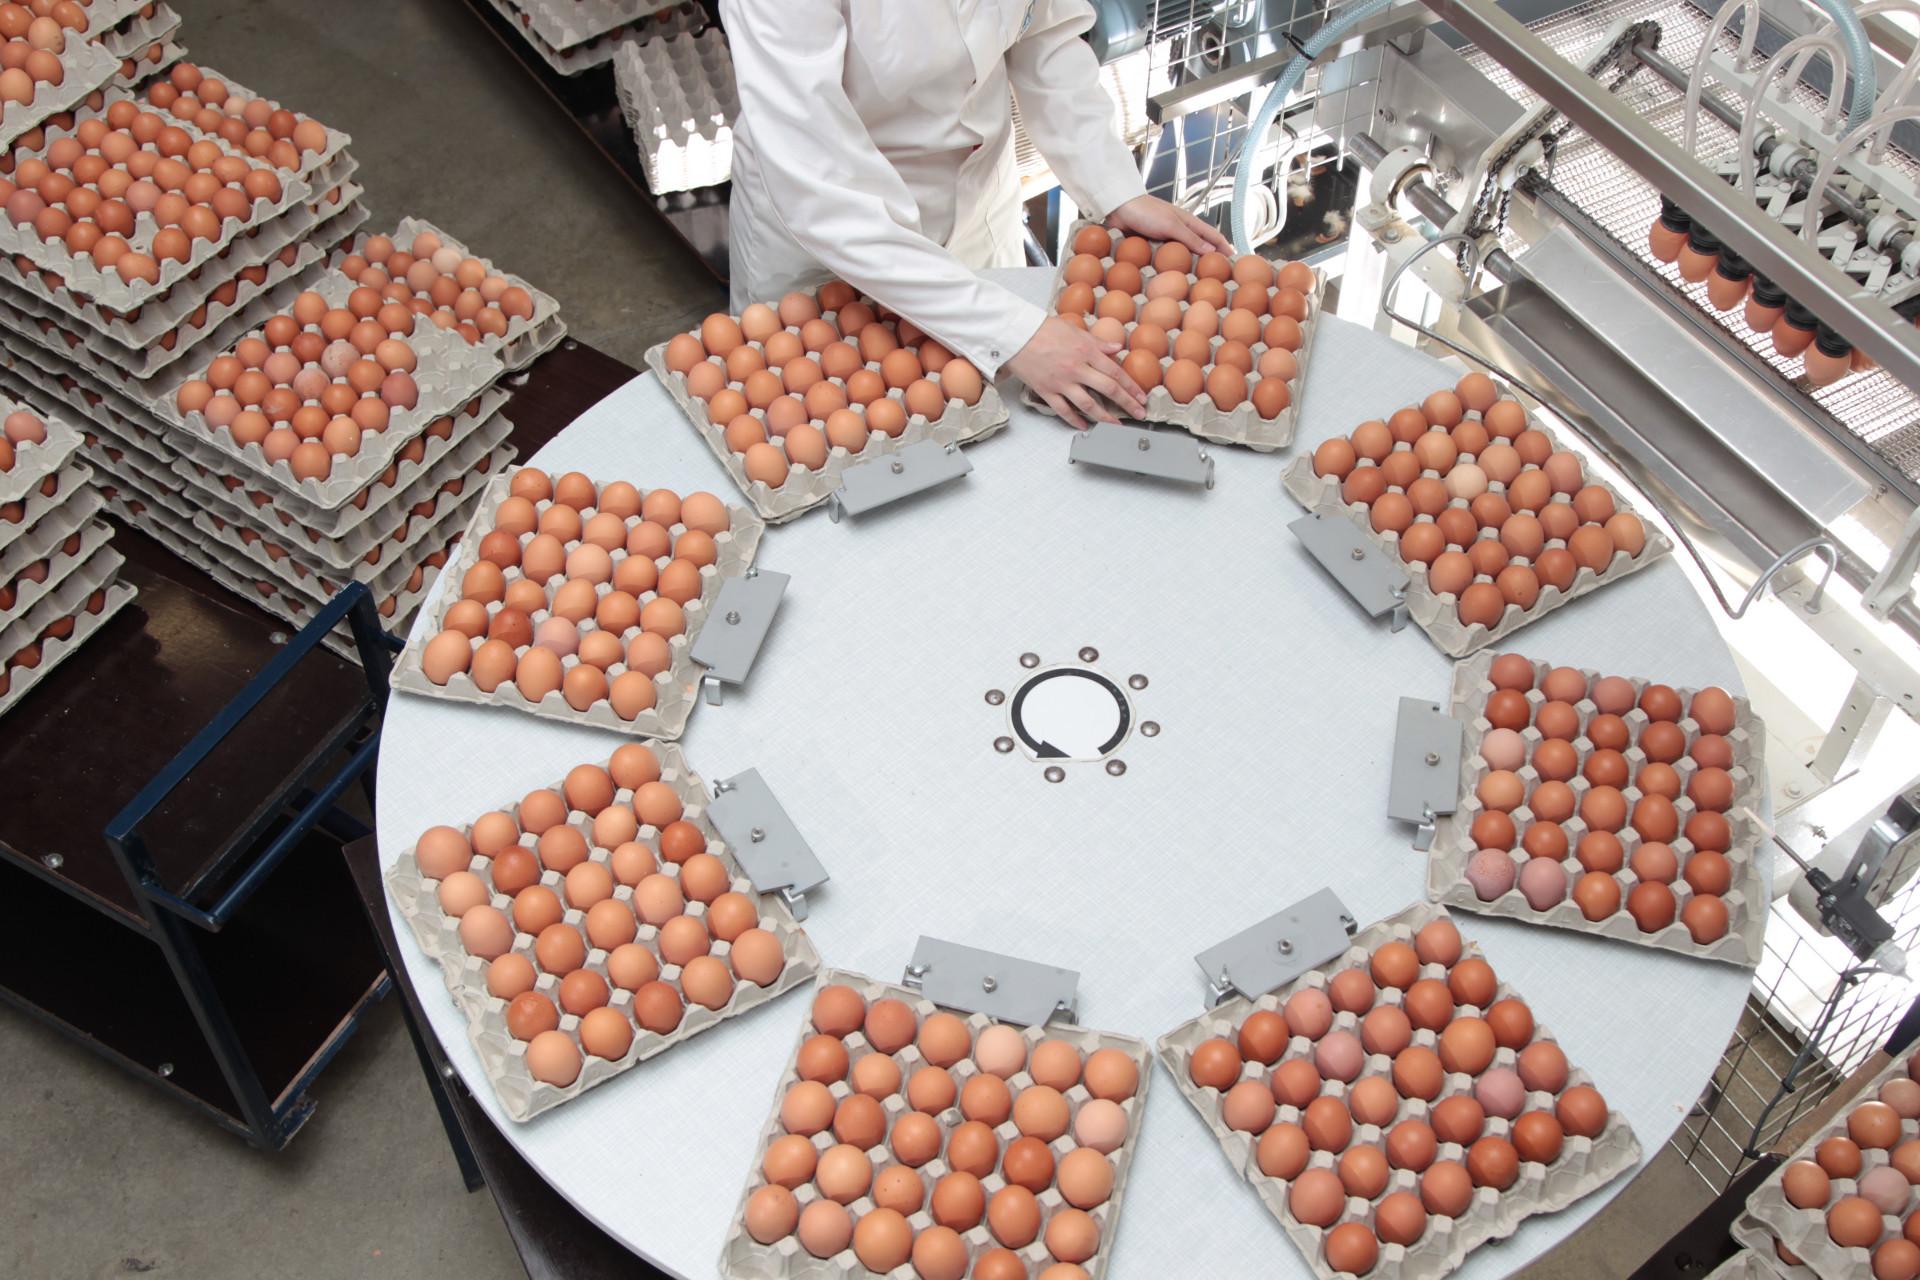 Foto: Eier-Sortierung in der Packstelle